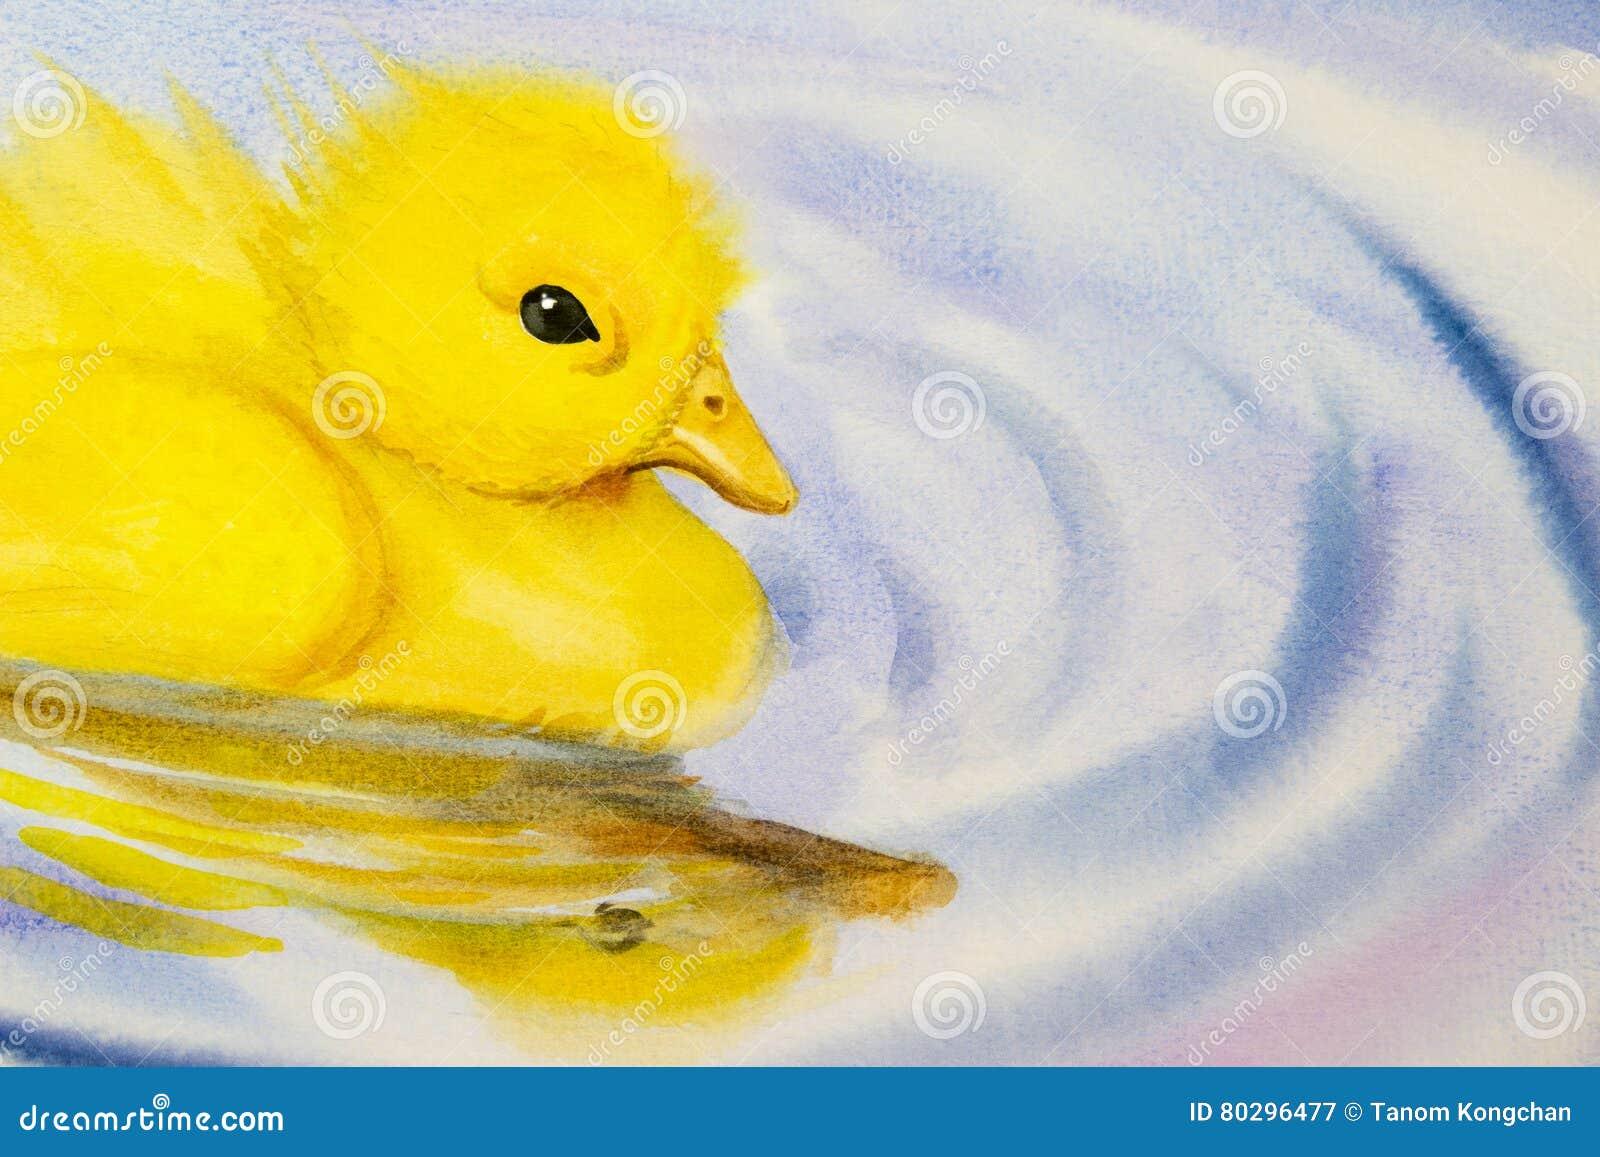 绘画艺术水彩风景原始五颜六色小的黄色鸭子